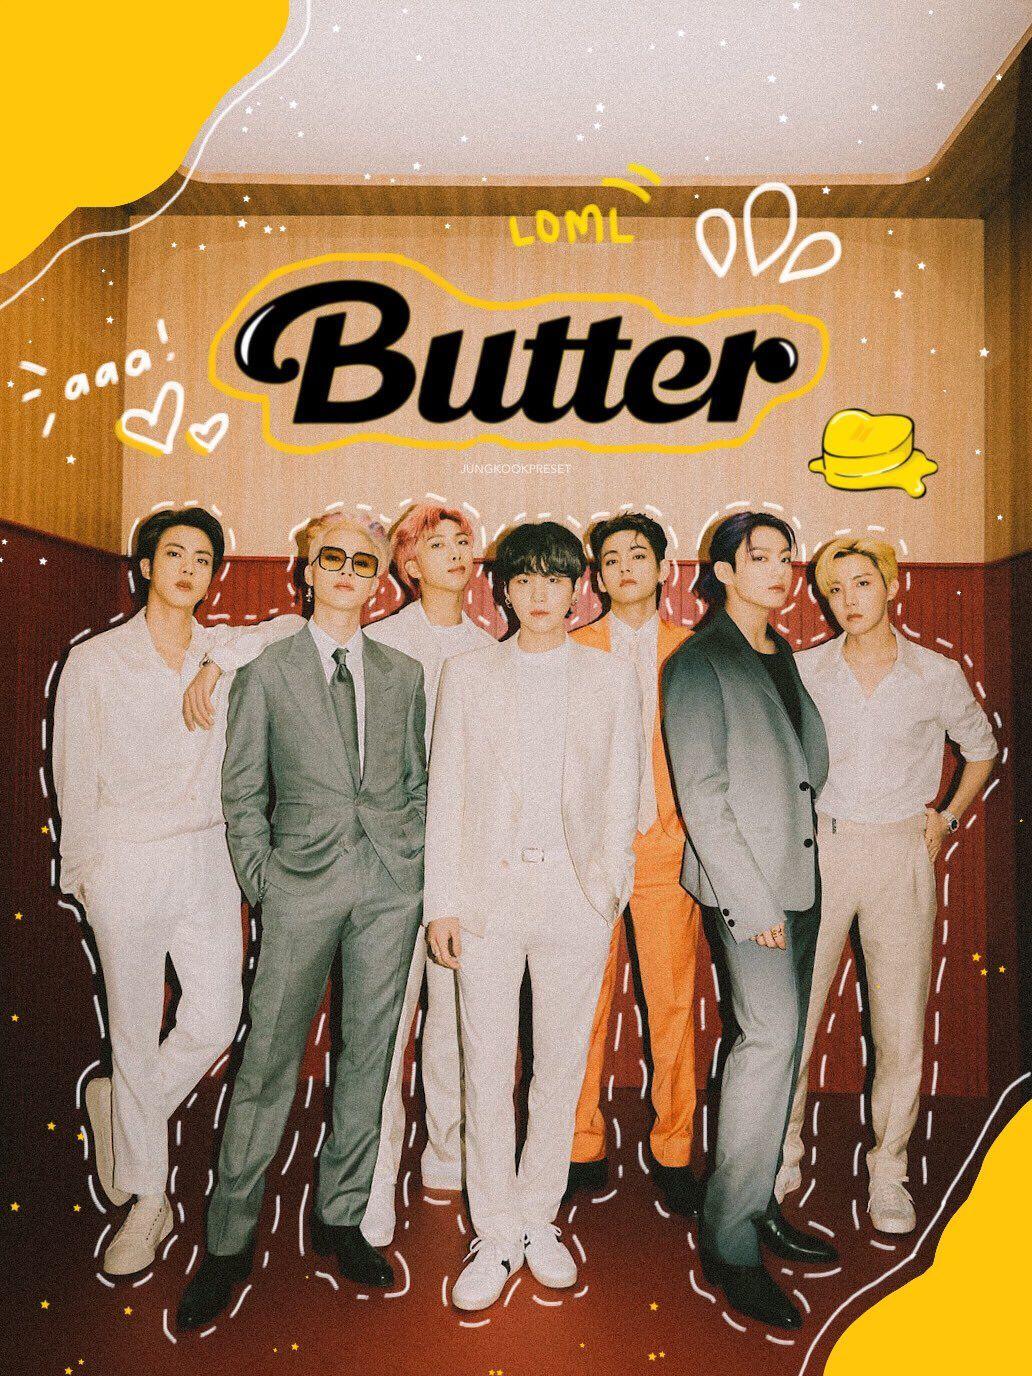 Bts Butter Group Teaser Photo 1 In 2021 Bts Wallpaper Bts Lockscreen Bts Pictures Bts butter video wallpaper